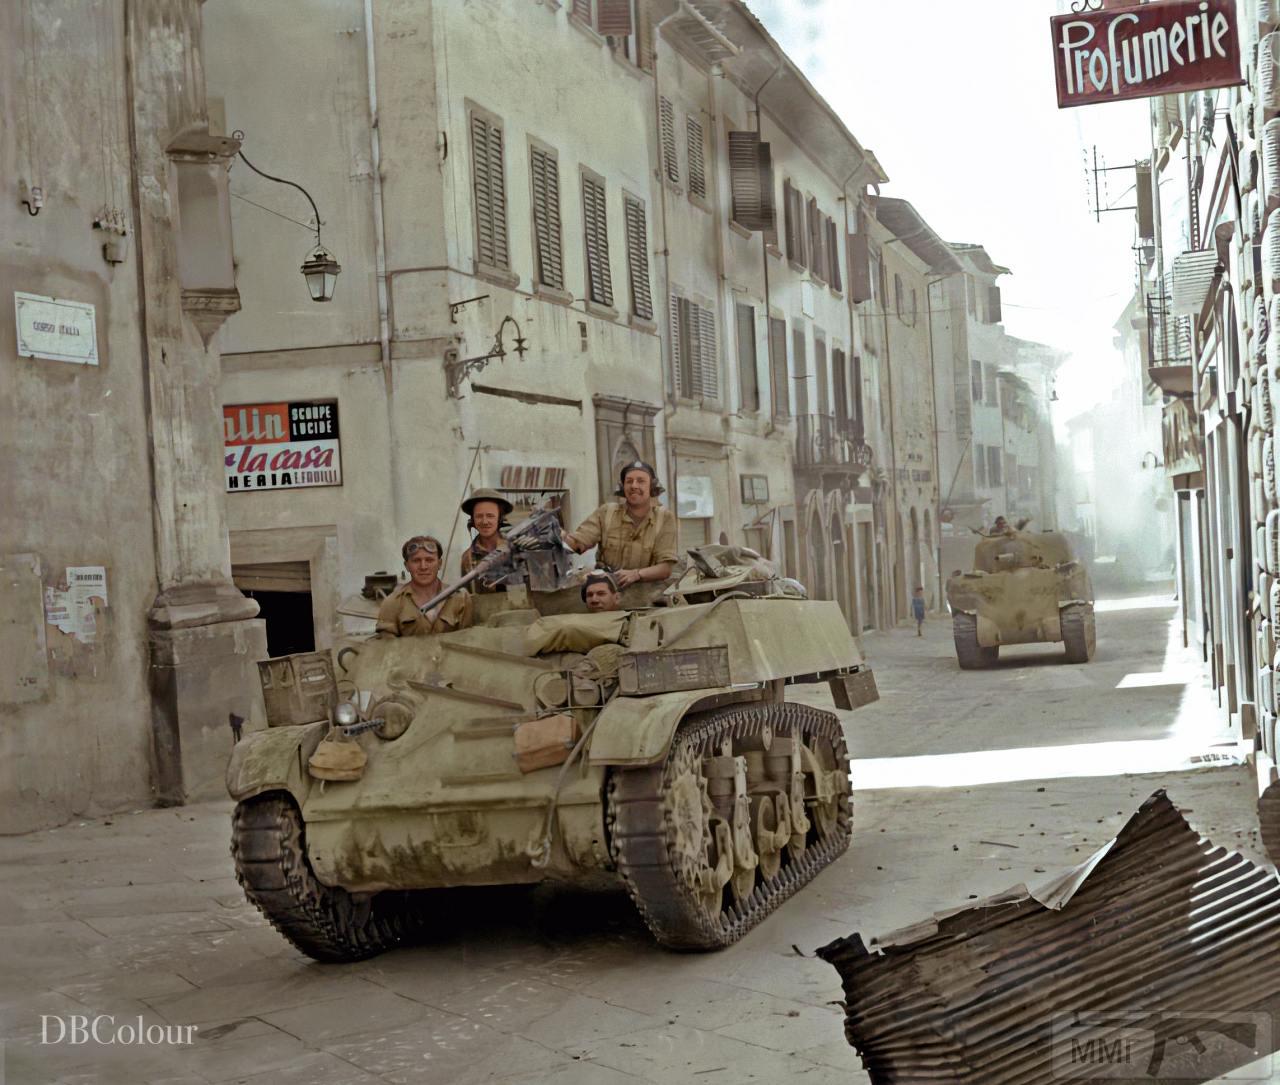 109562 - Военное фото 1939-1945 г.г. Западный фронт и Африка.